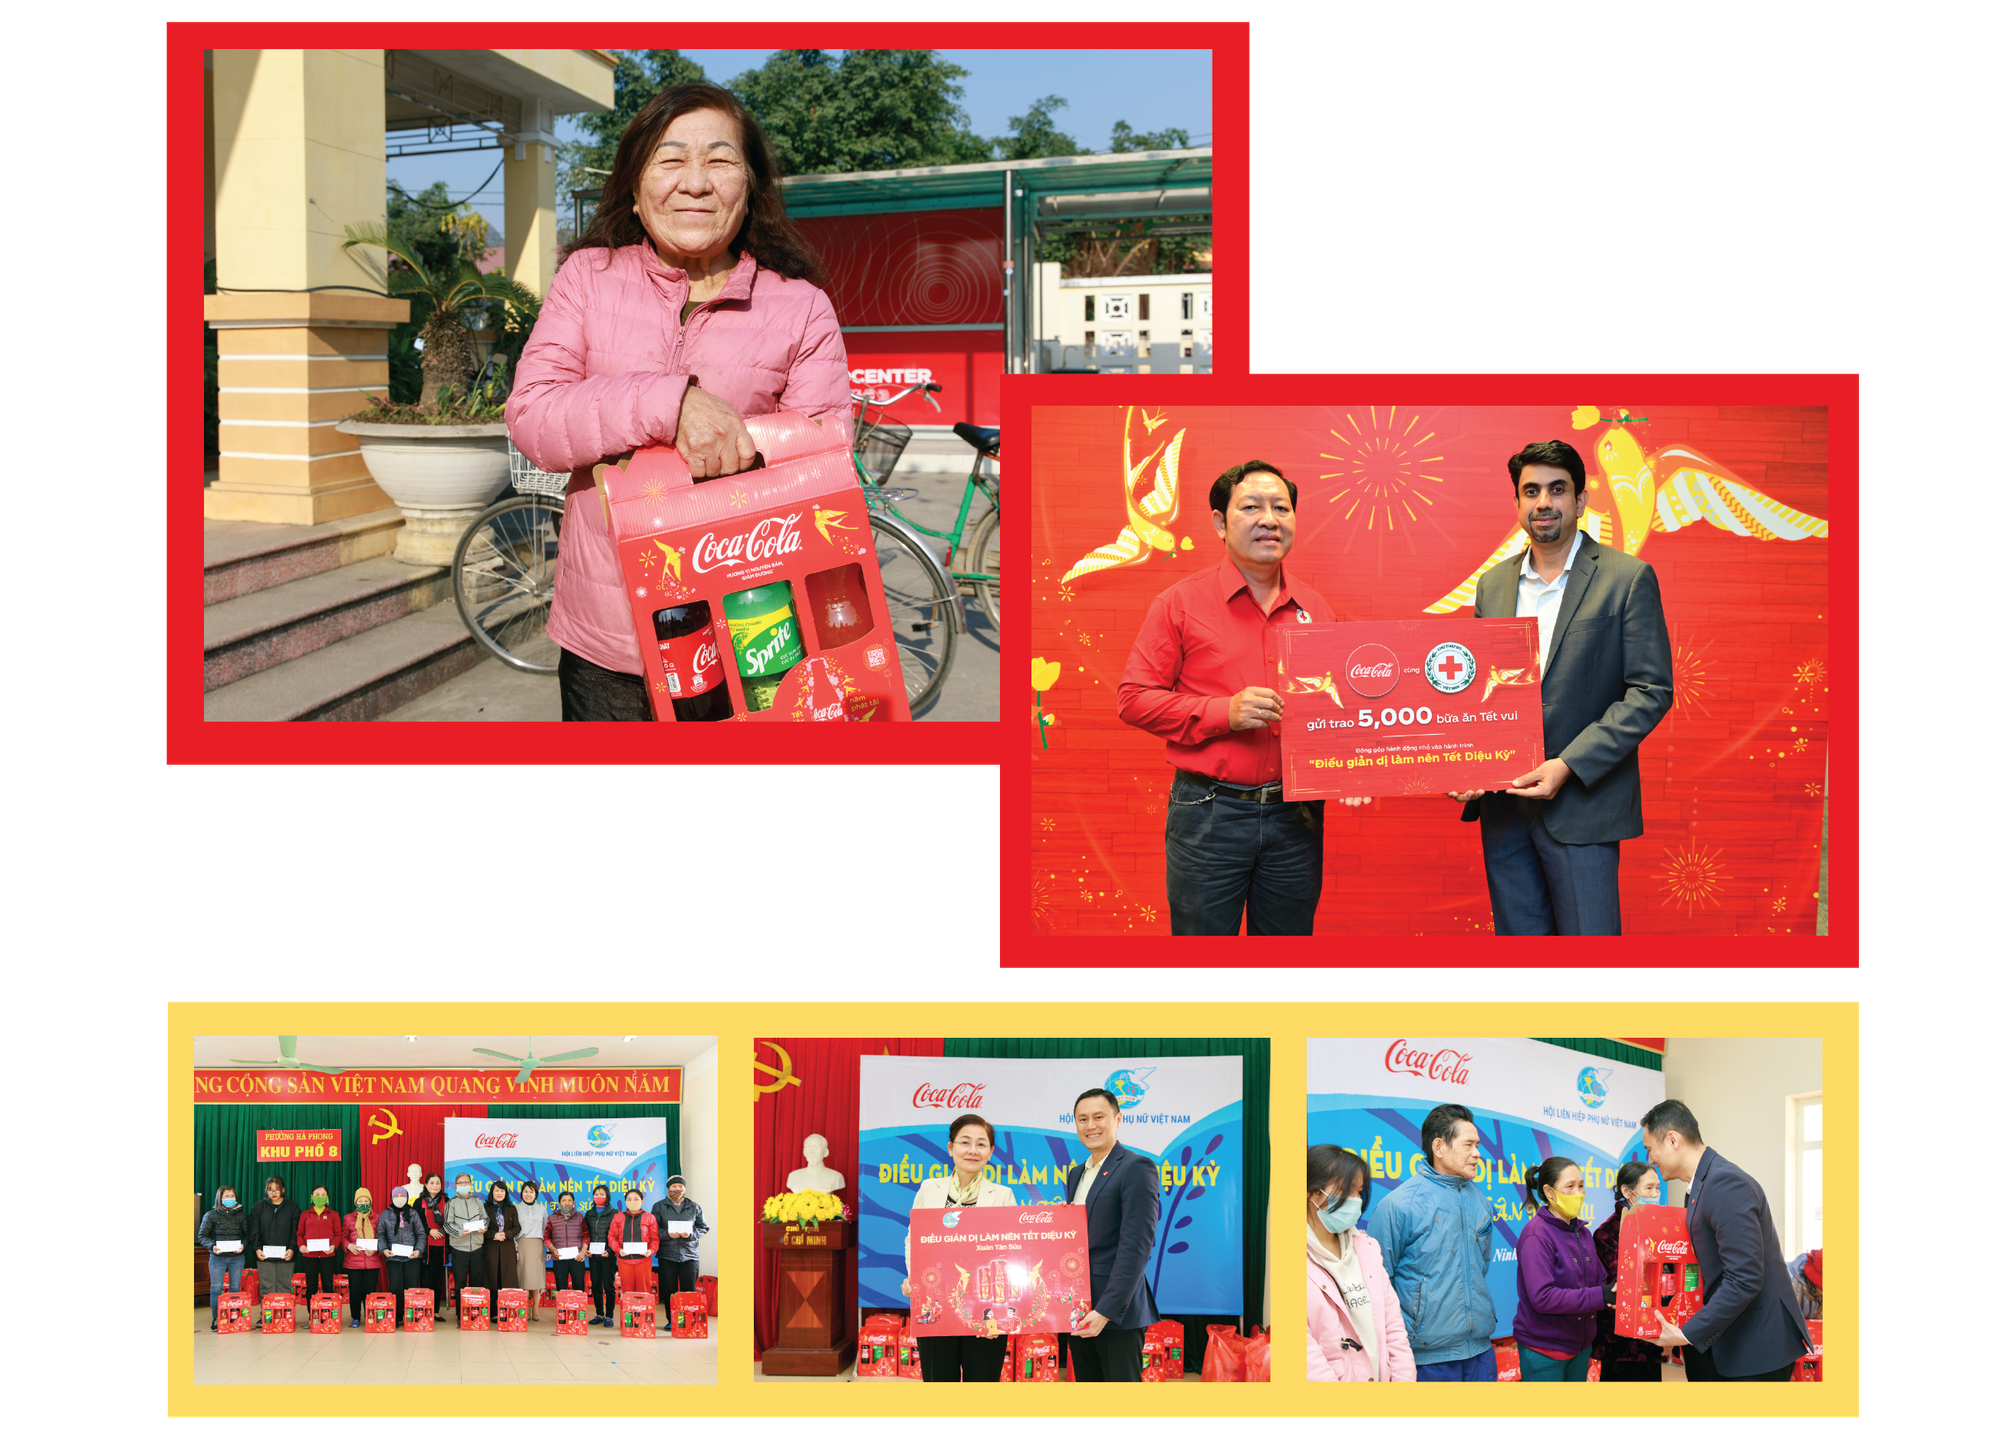 Én vàng, sắc đỏ và hành trình lan toả Tết diệu kỳ của Coca-cola sau năm nhiều biến động - Ảnh 7.